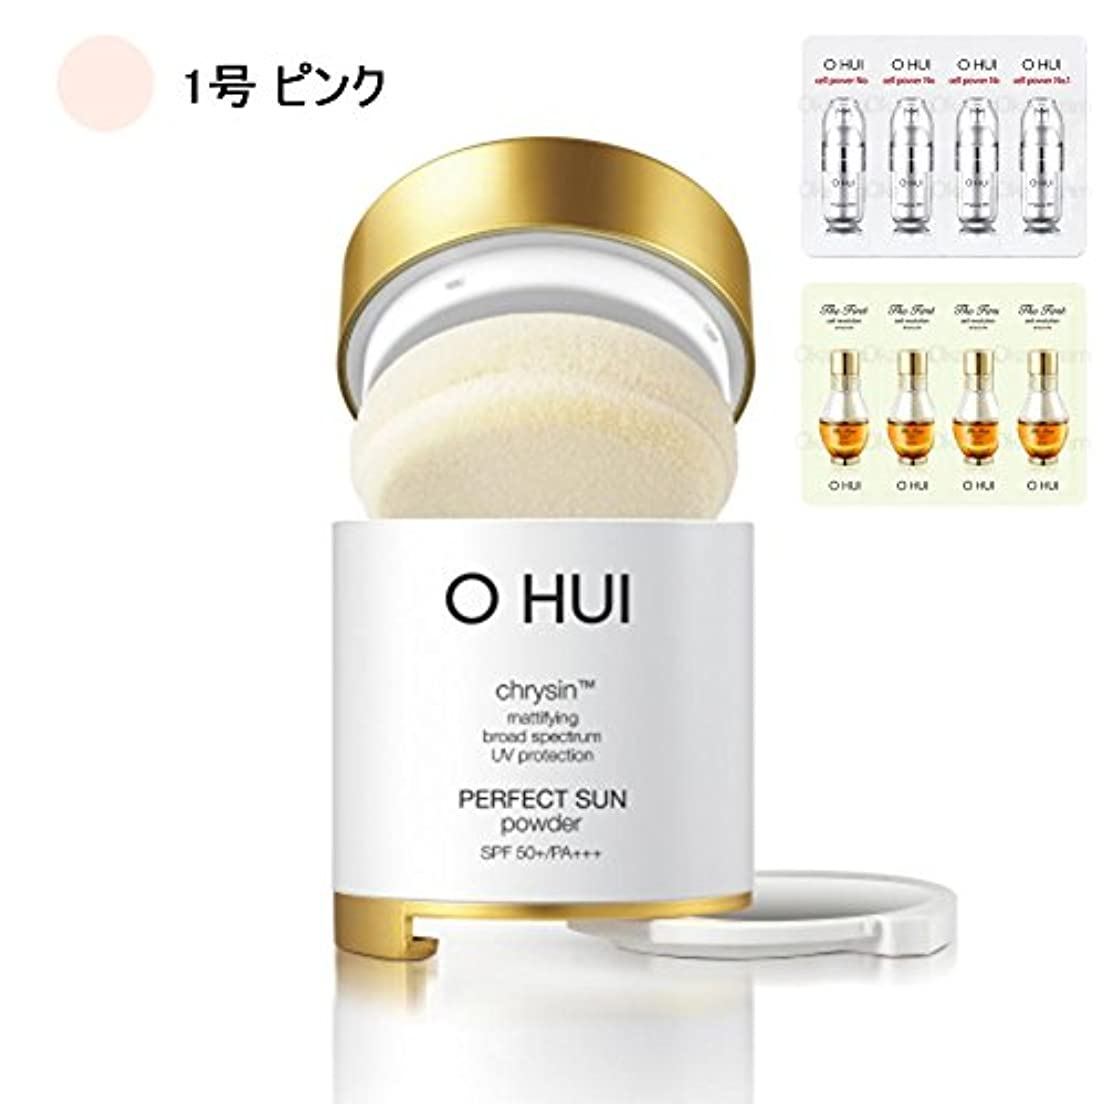 三十地域のビクター[オフィ/O HUI]韓国化粧品 LG生活健康/OHUI OFS06 PERFECT SUN POWDER/オフィ パーフェクトサンパウダー 1号 (SPF50+/PA+++) +[Sample Gift](海外直送品)